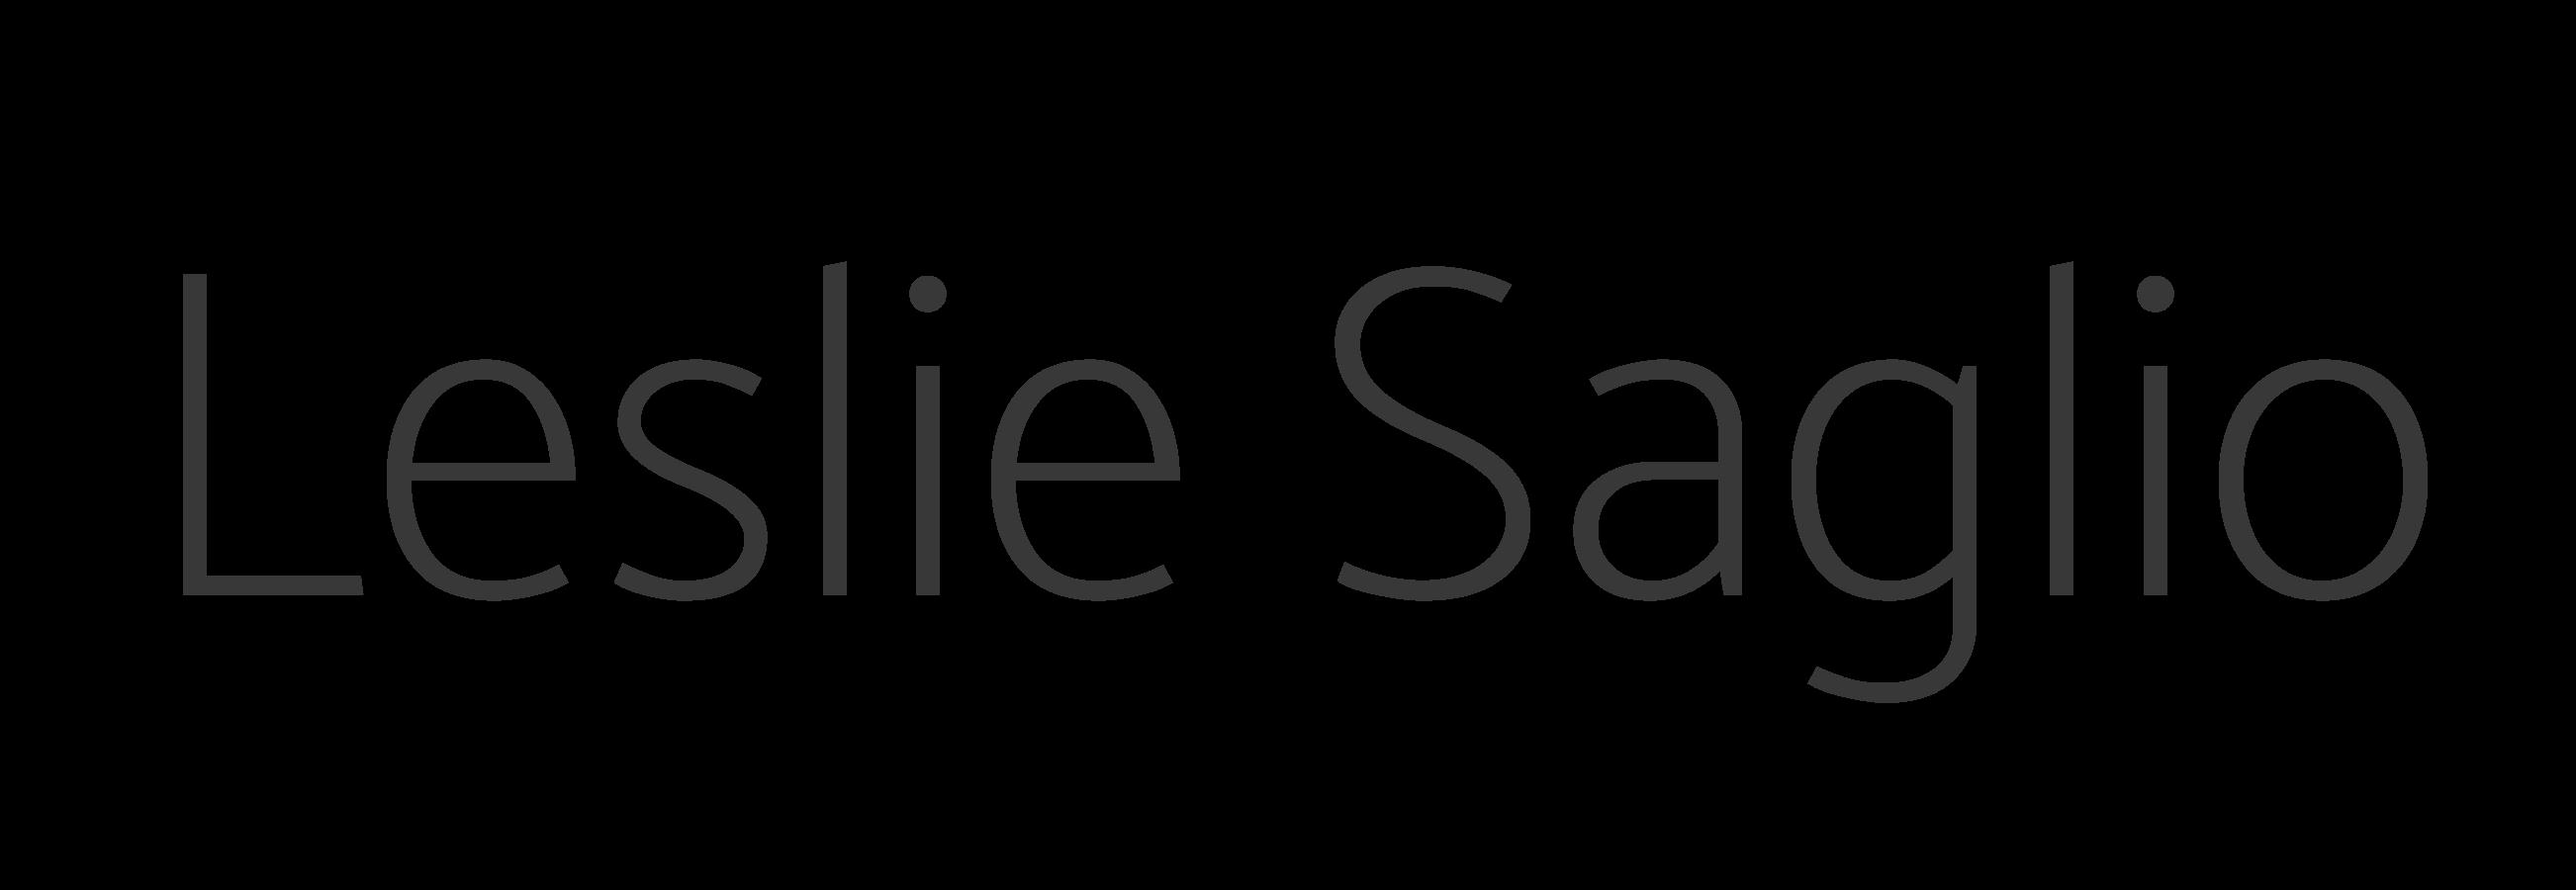 Leslie Saglio